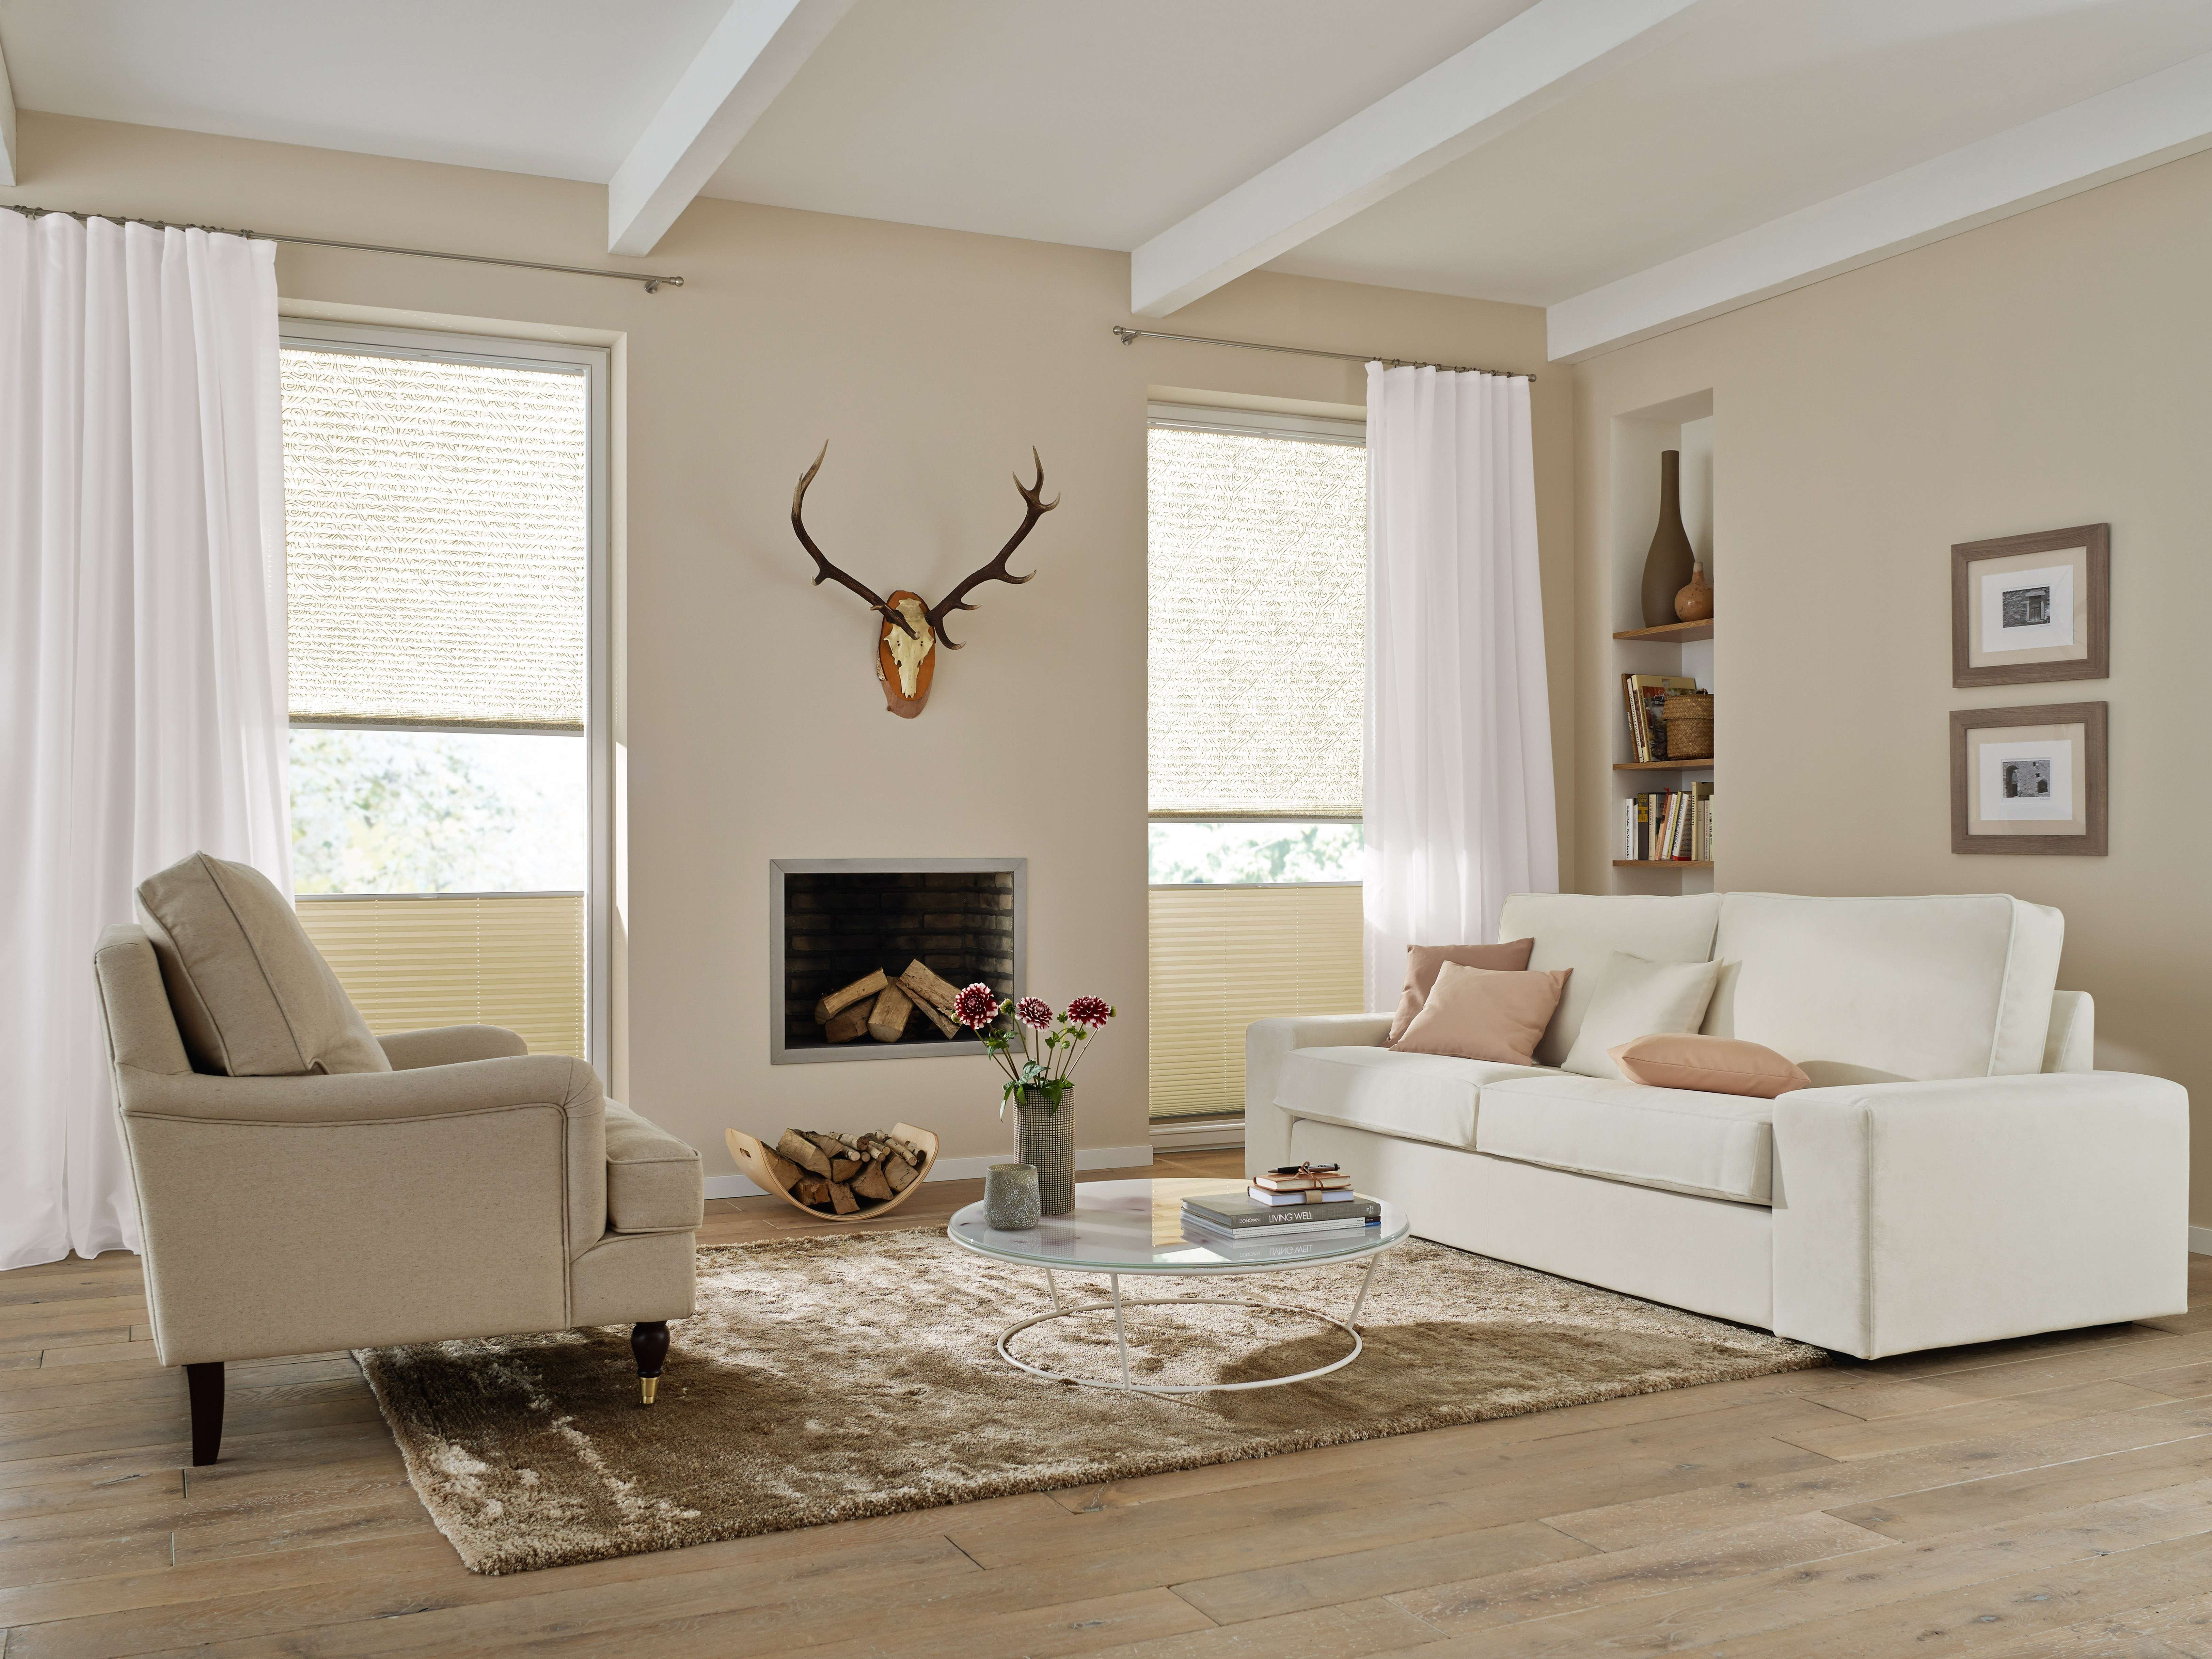 30 Wohnzimmer Dekoration Selber Machen